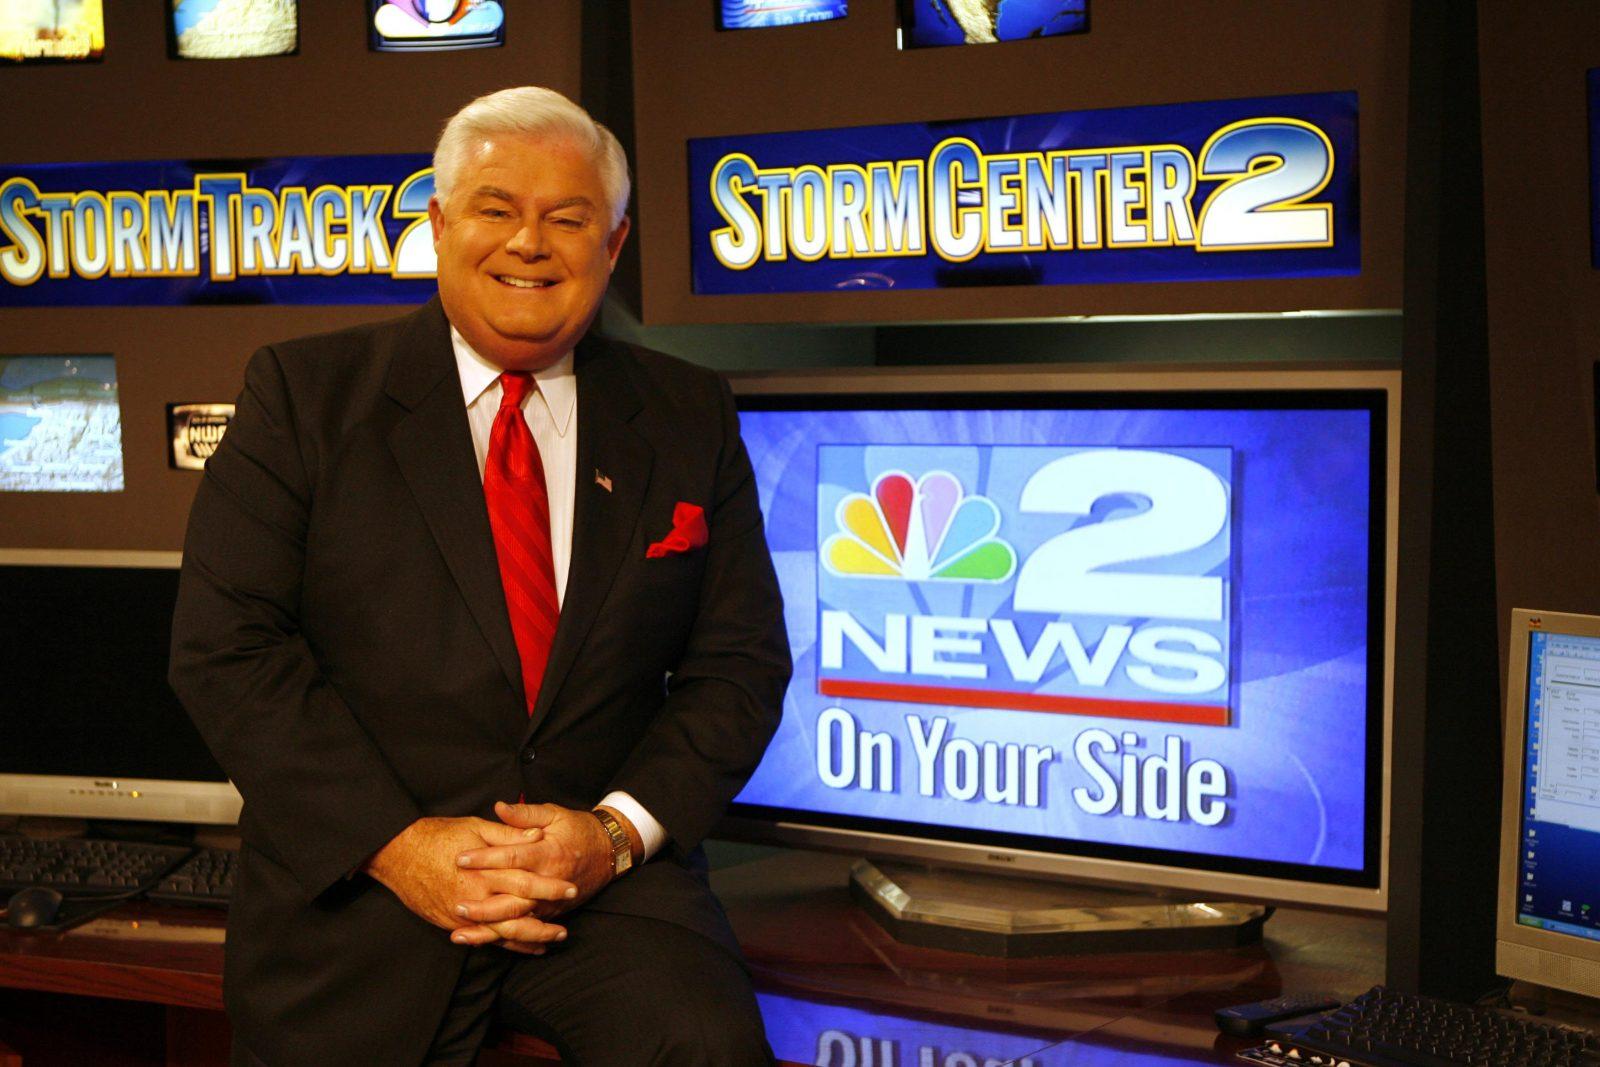 Kevin O'Connell (Sharon Cantillon/Buffalo News)